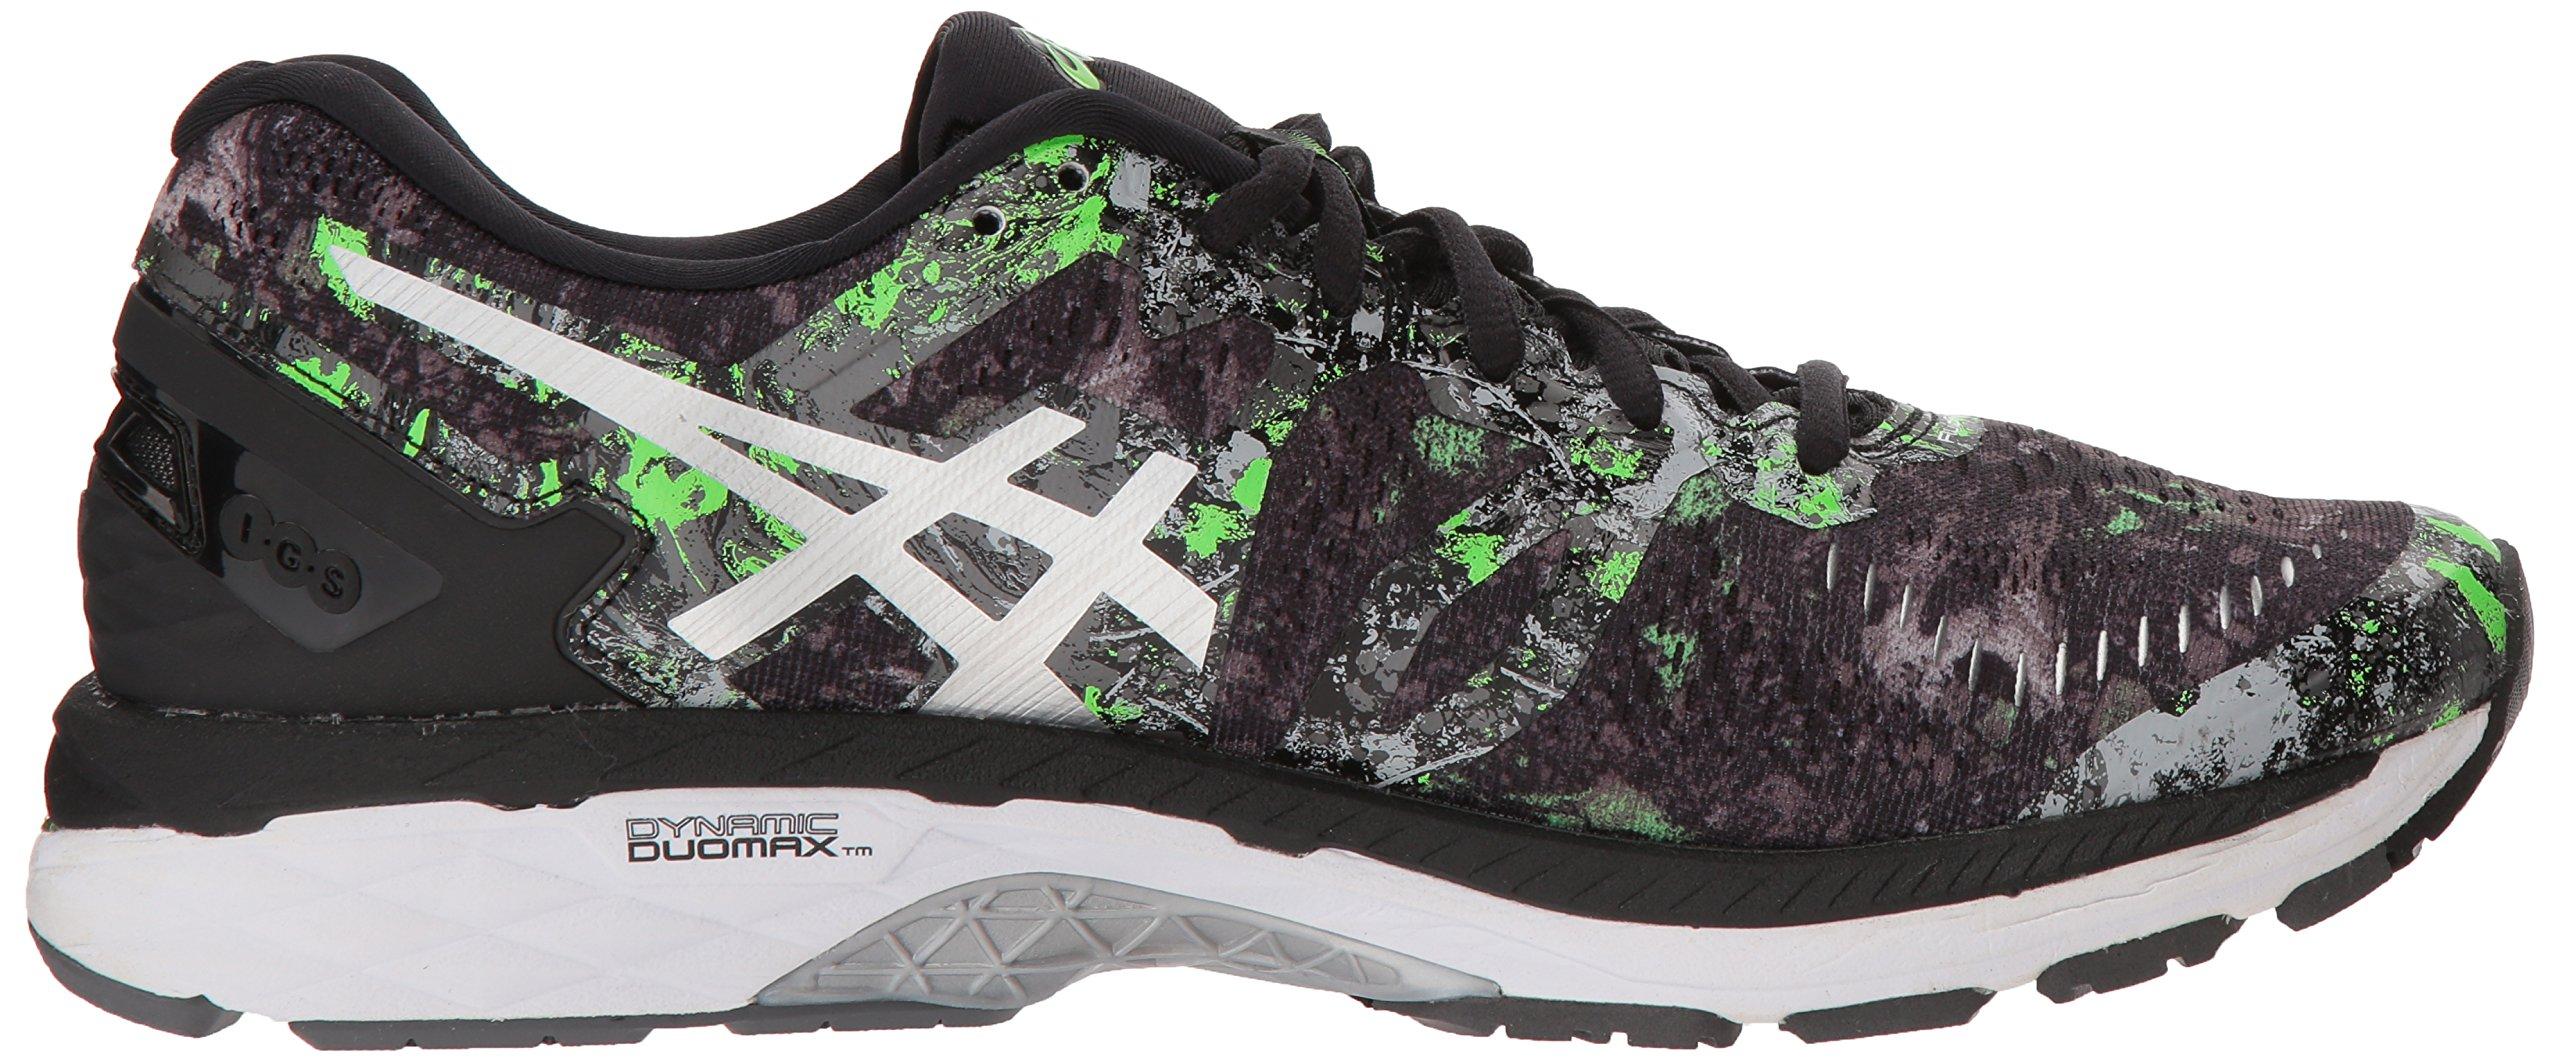 81IRClQMQxL - ASICS Men's Gel-Kayano 23 Running Shoe